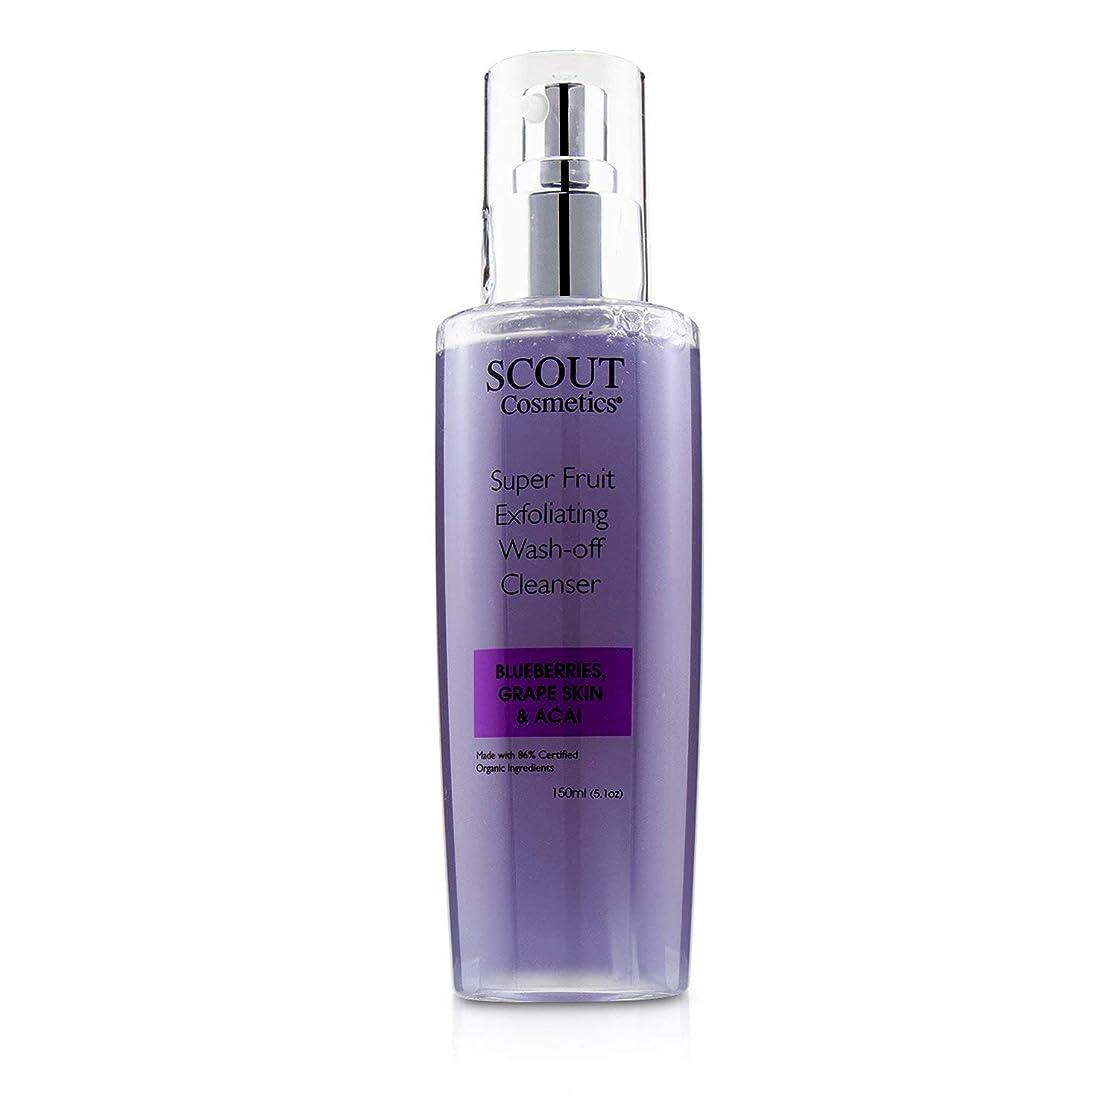 価値のない不健全ピグマリオンSCOUT Cosmetics Super Fruit Exfoliating Wash-Off Cleanser with Blueberries, Grape Skin & Acai 150ml/5.1oz並行輸入品